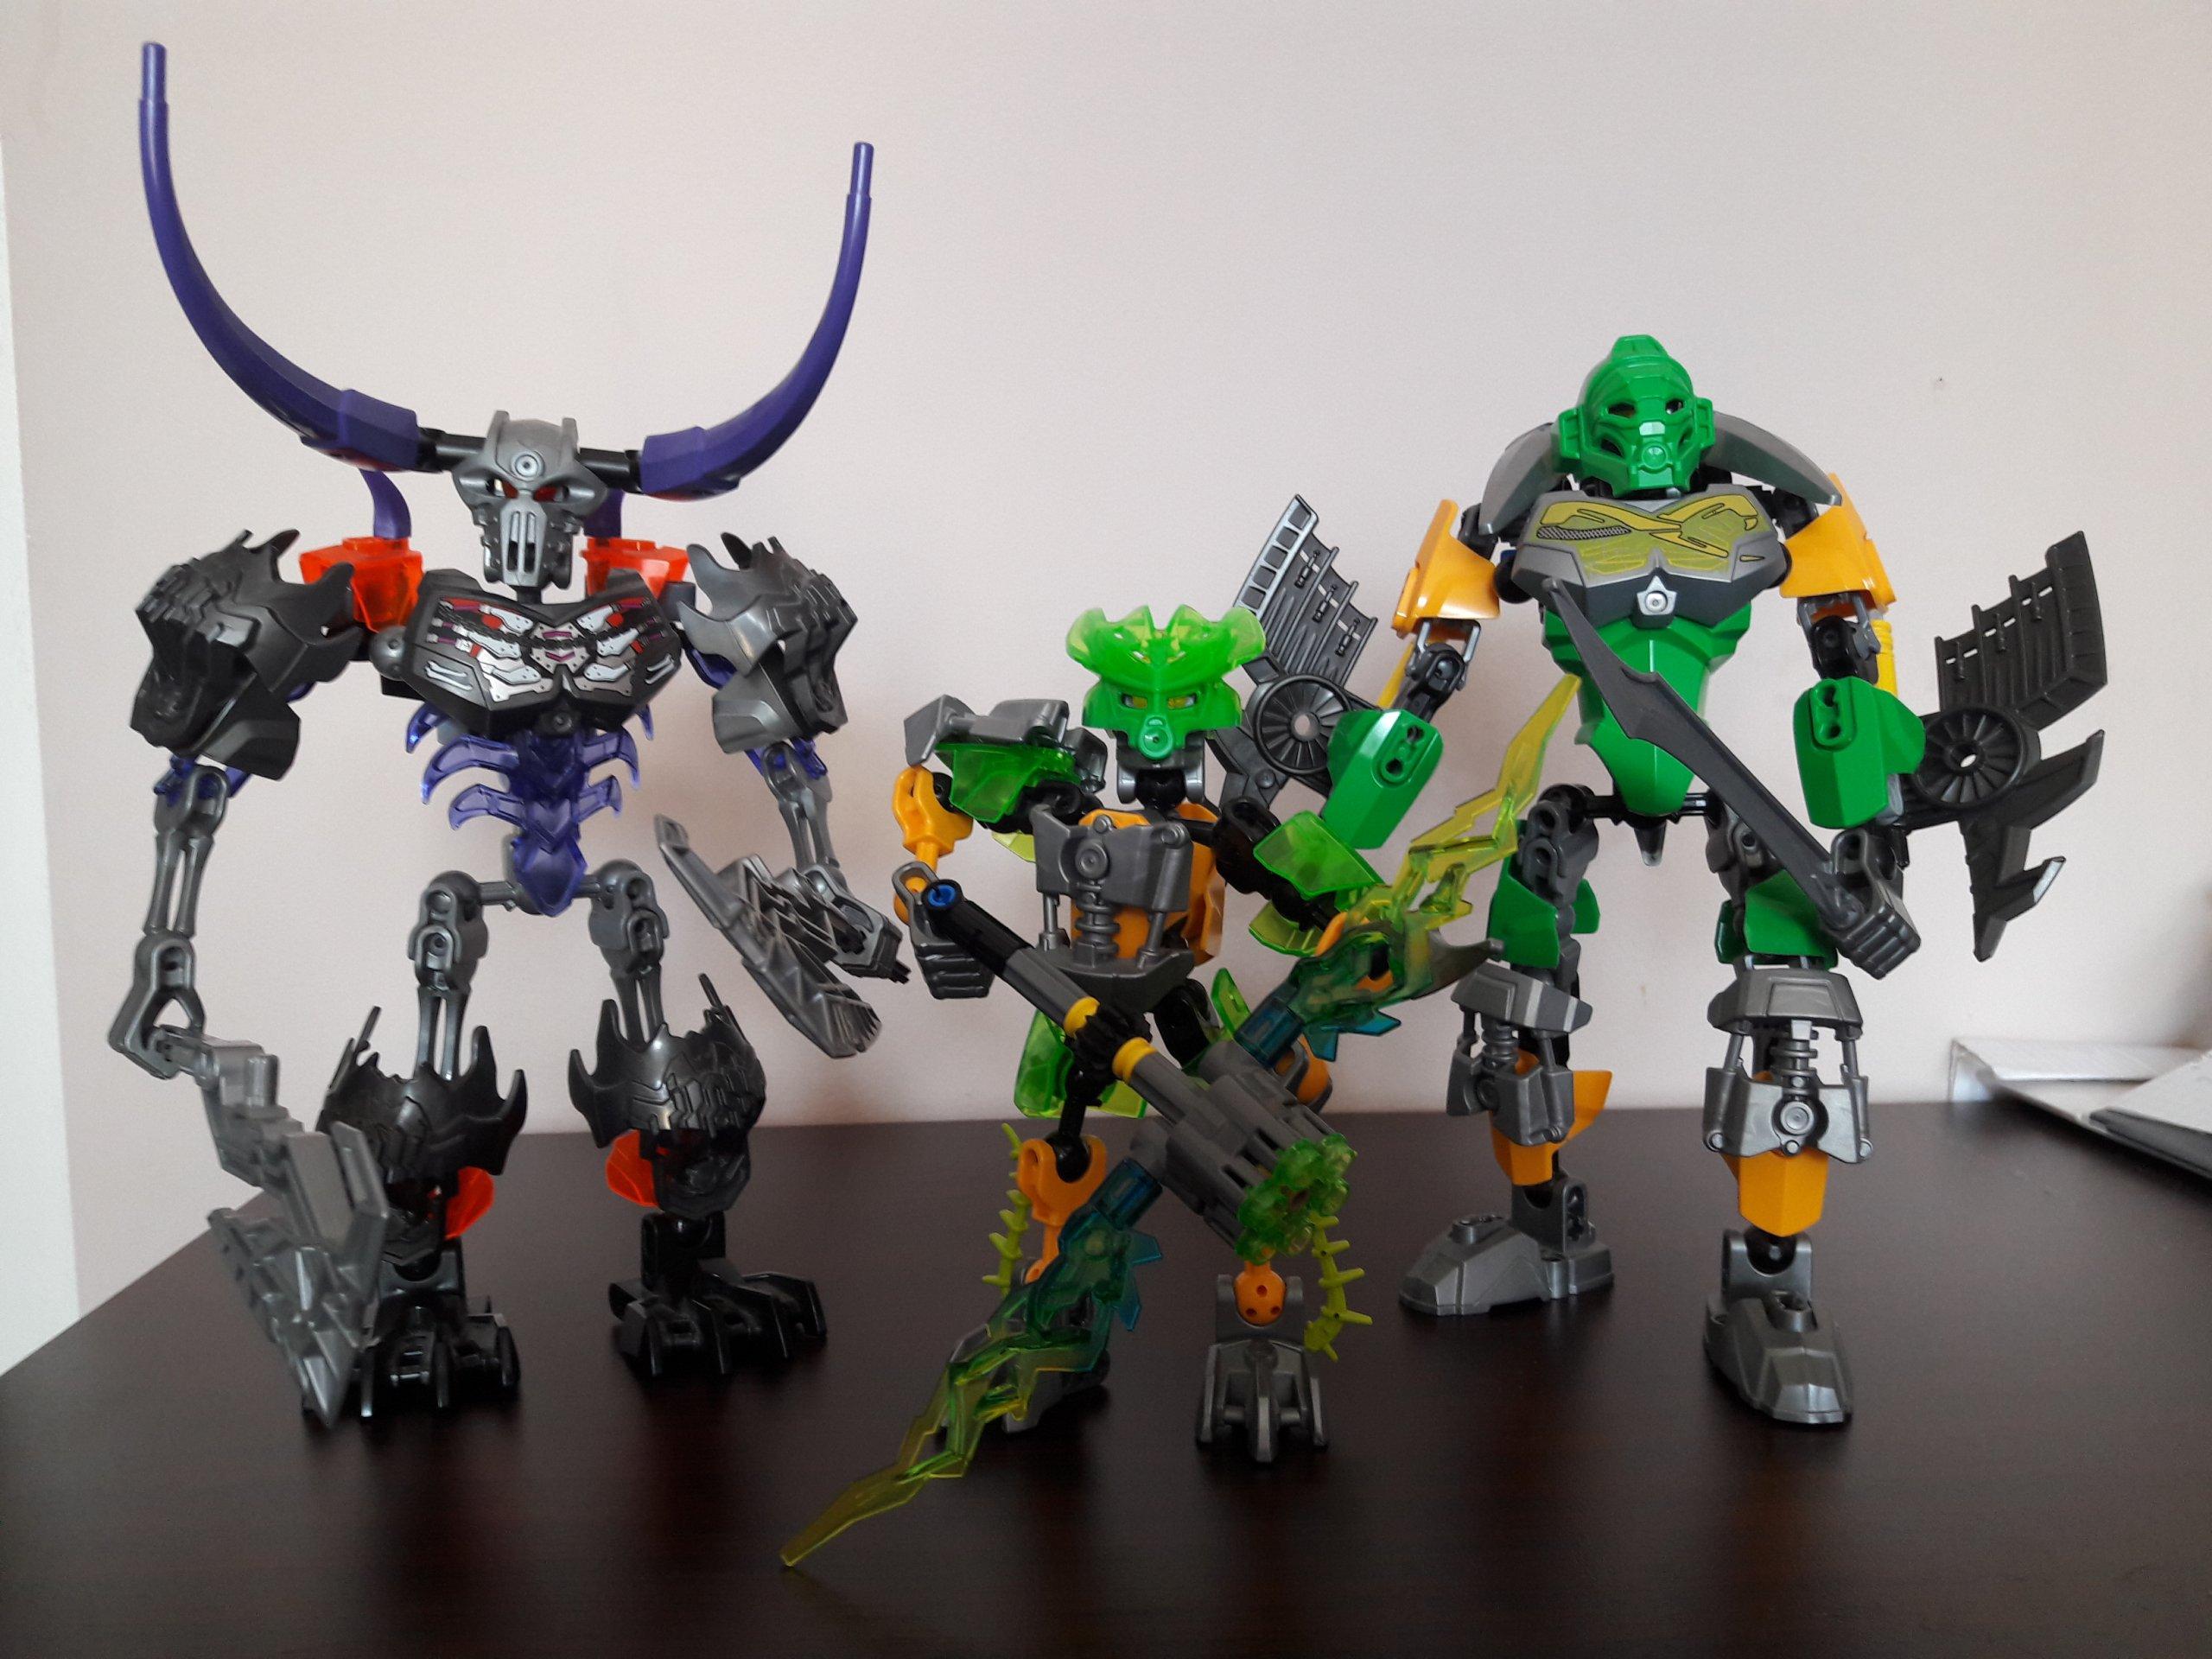 Roboty Lego Bionicle 7169196079 Oficjalne Archiwum Allegro